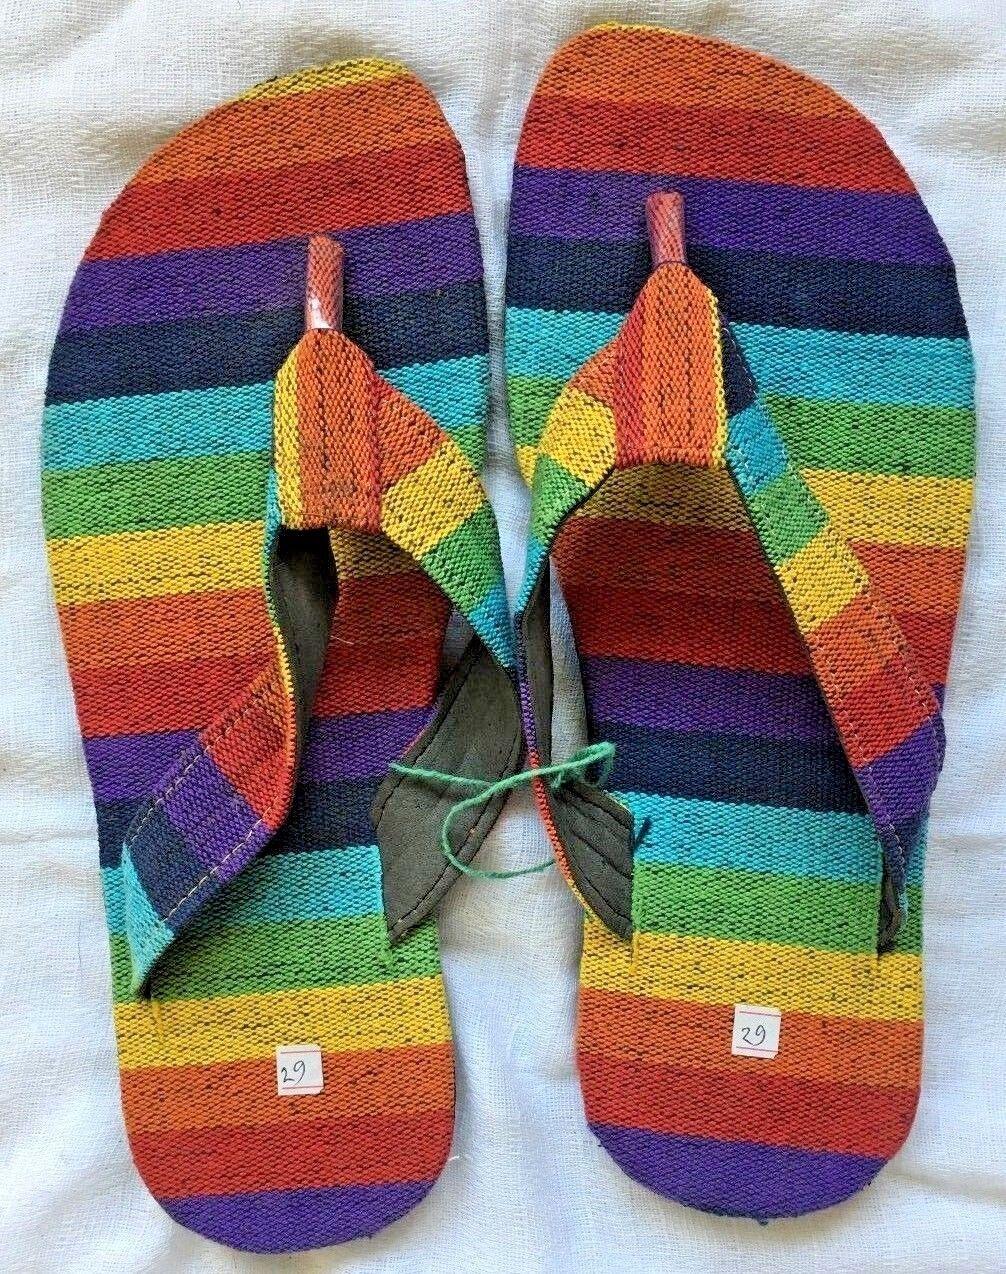 Rainbow  Canvas Cotton Summer Beach Slippers Flip Flops Sandals Handmade